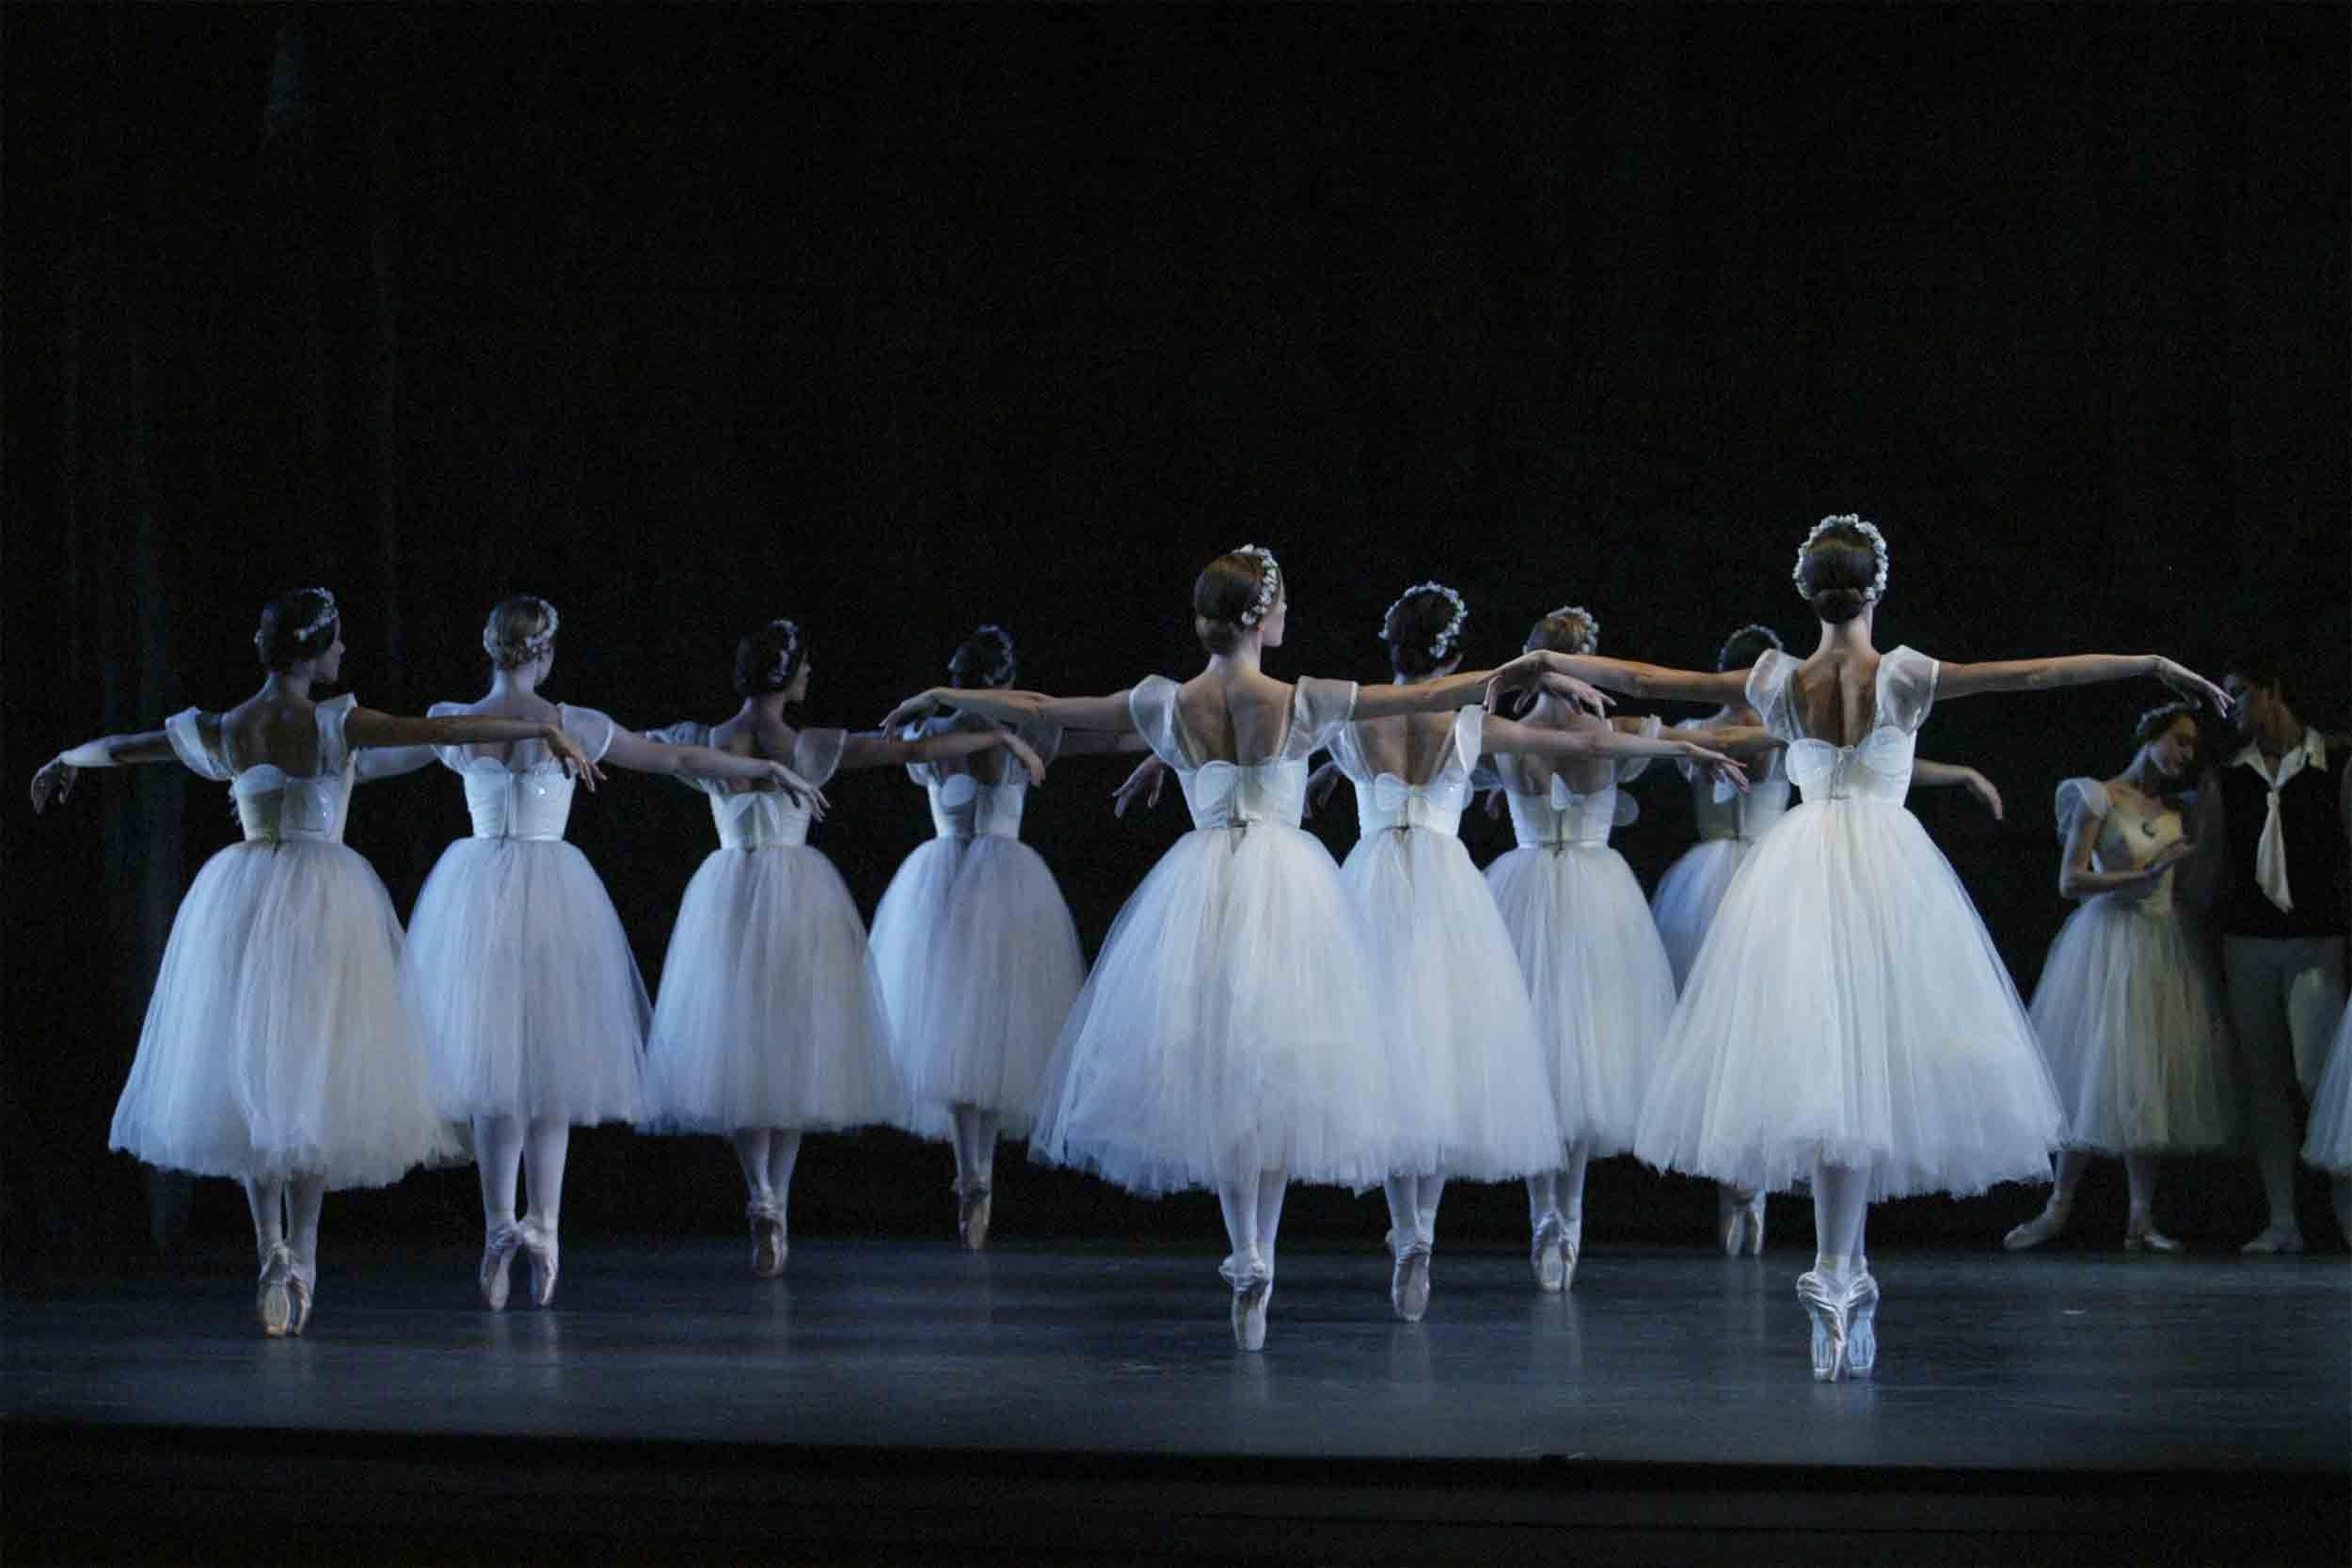 ABT in Les Sylphides. Photo Rosalie O'Connor ©. Picture Source: [Artsjournal.com]